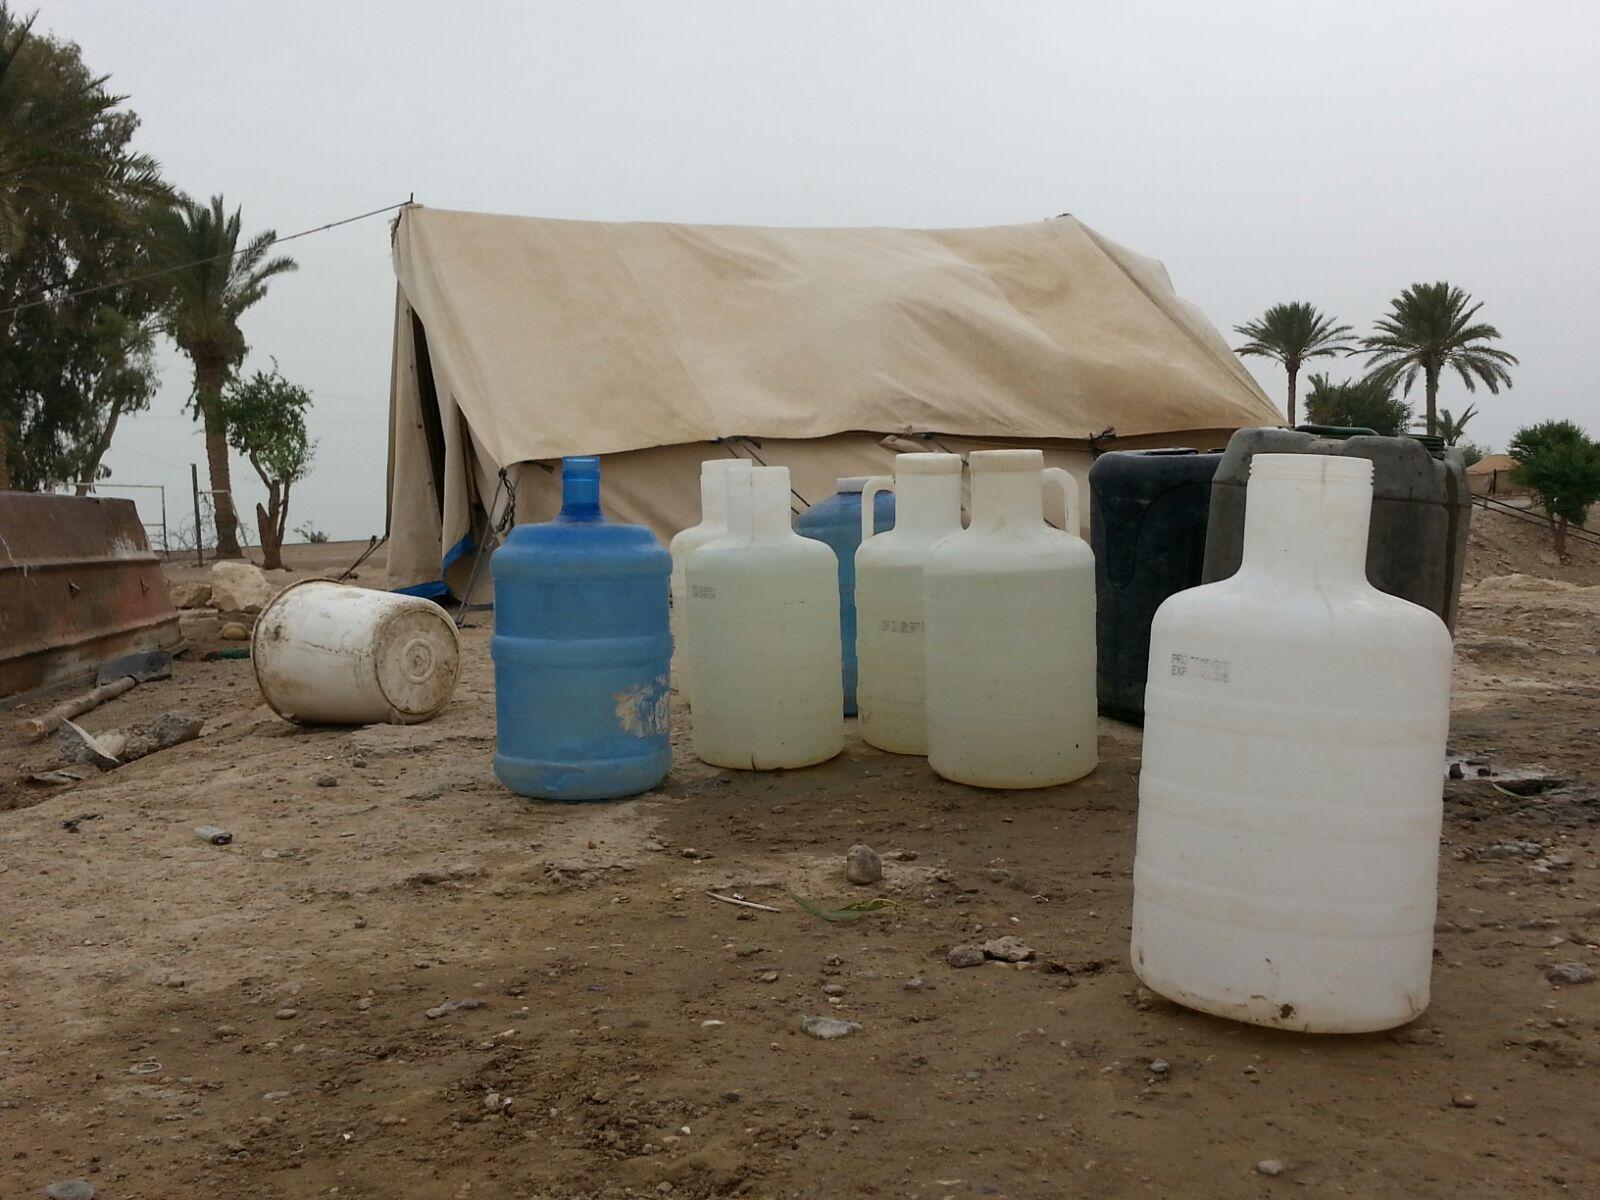 الكعود: عوائل البونمر ليس لديهم الماء والطعام بالمناطق التي عادوا اليها